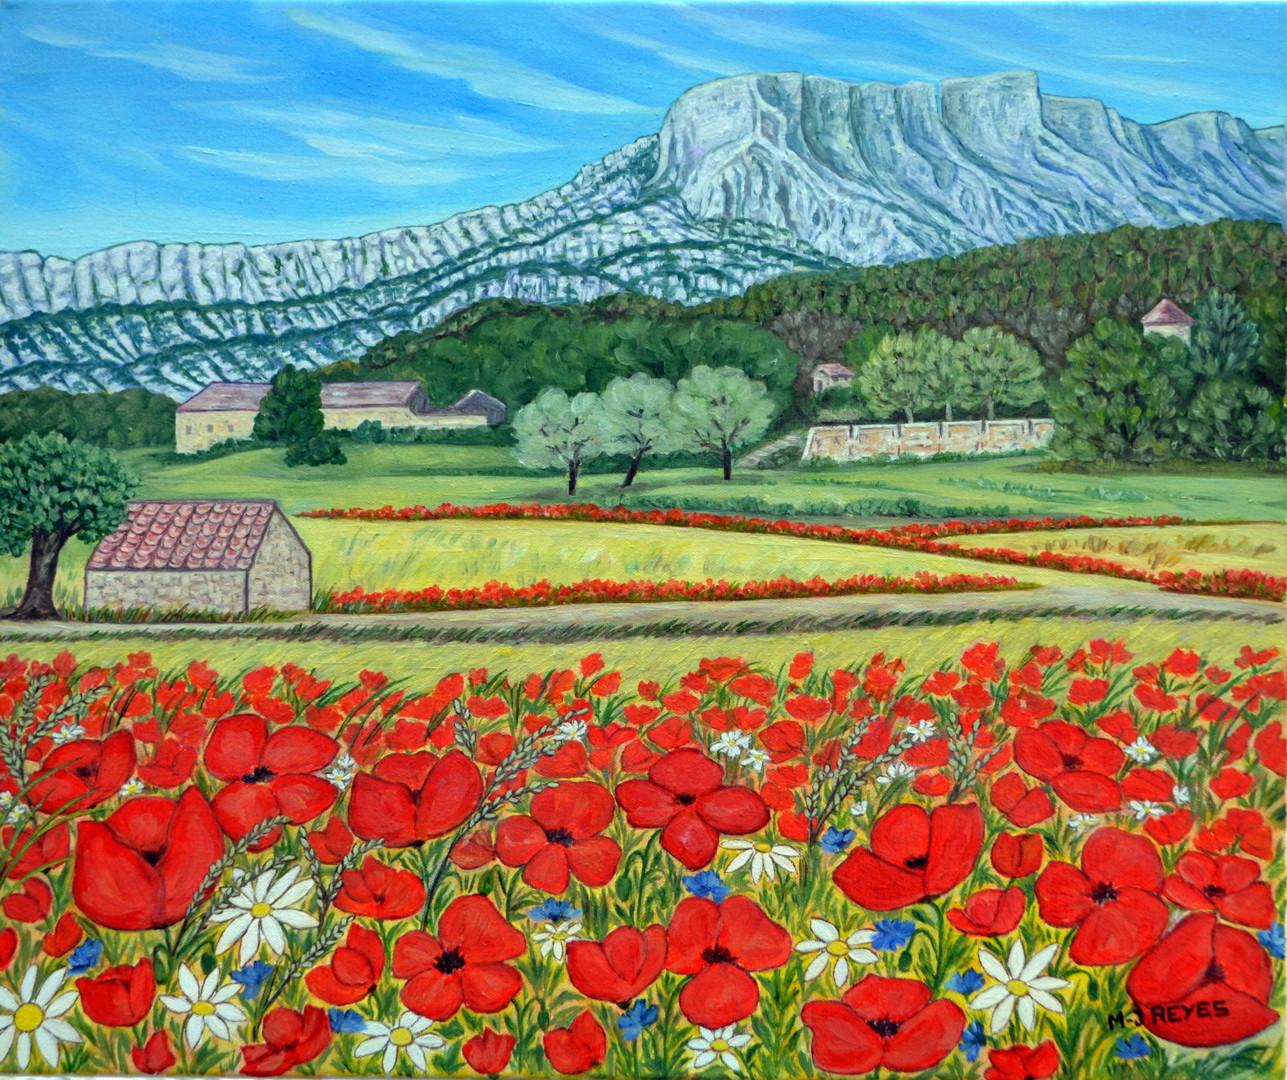 Marie-Josée Reyes - Coquelicots au pied de la montagne Sainte Victoire